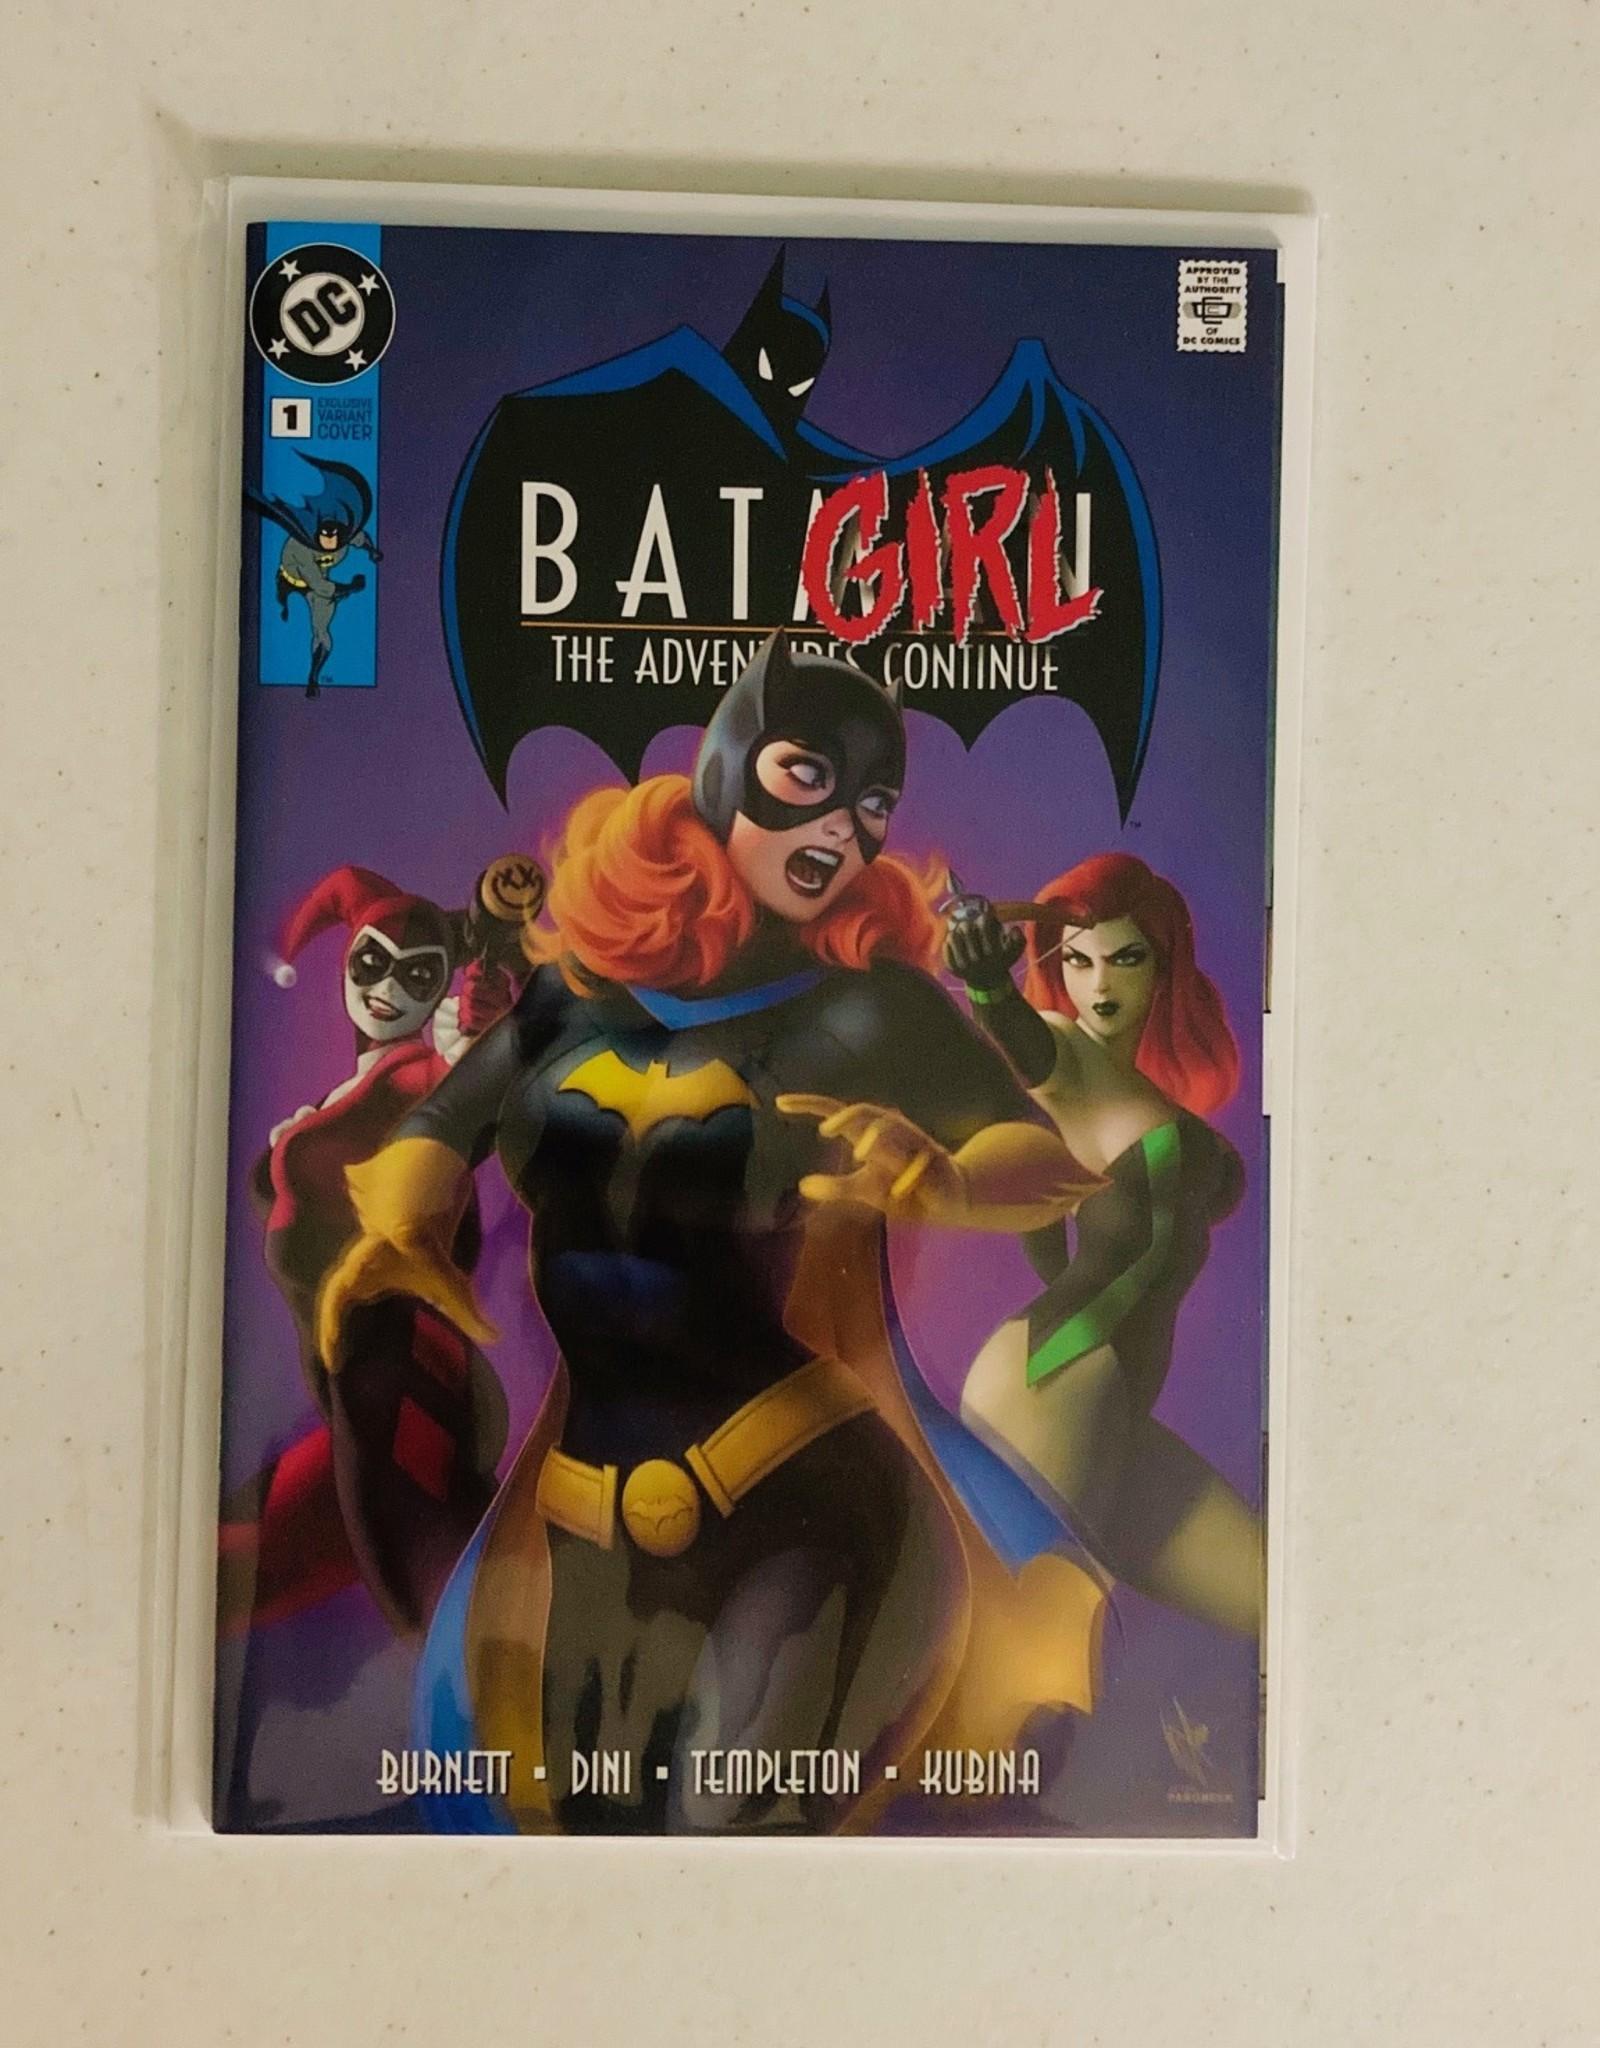 DC COMICS Batman The Adventures Continue #1 (Classic Batgirl Logo Variant)